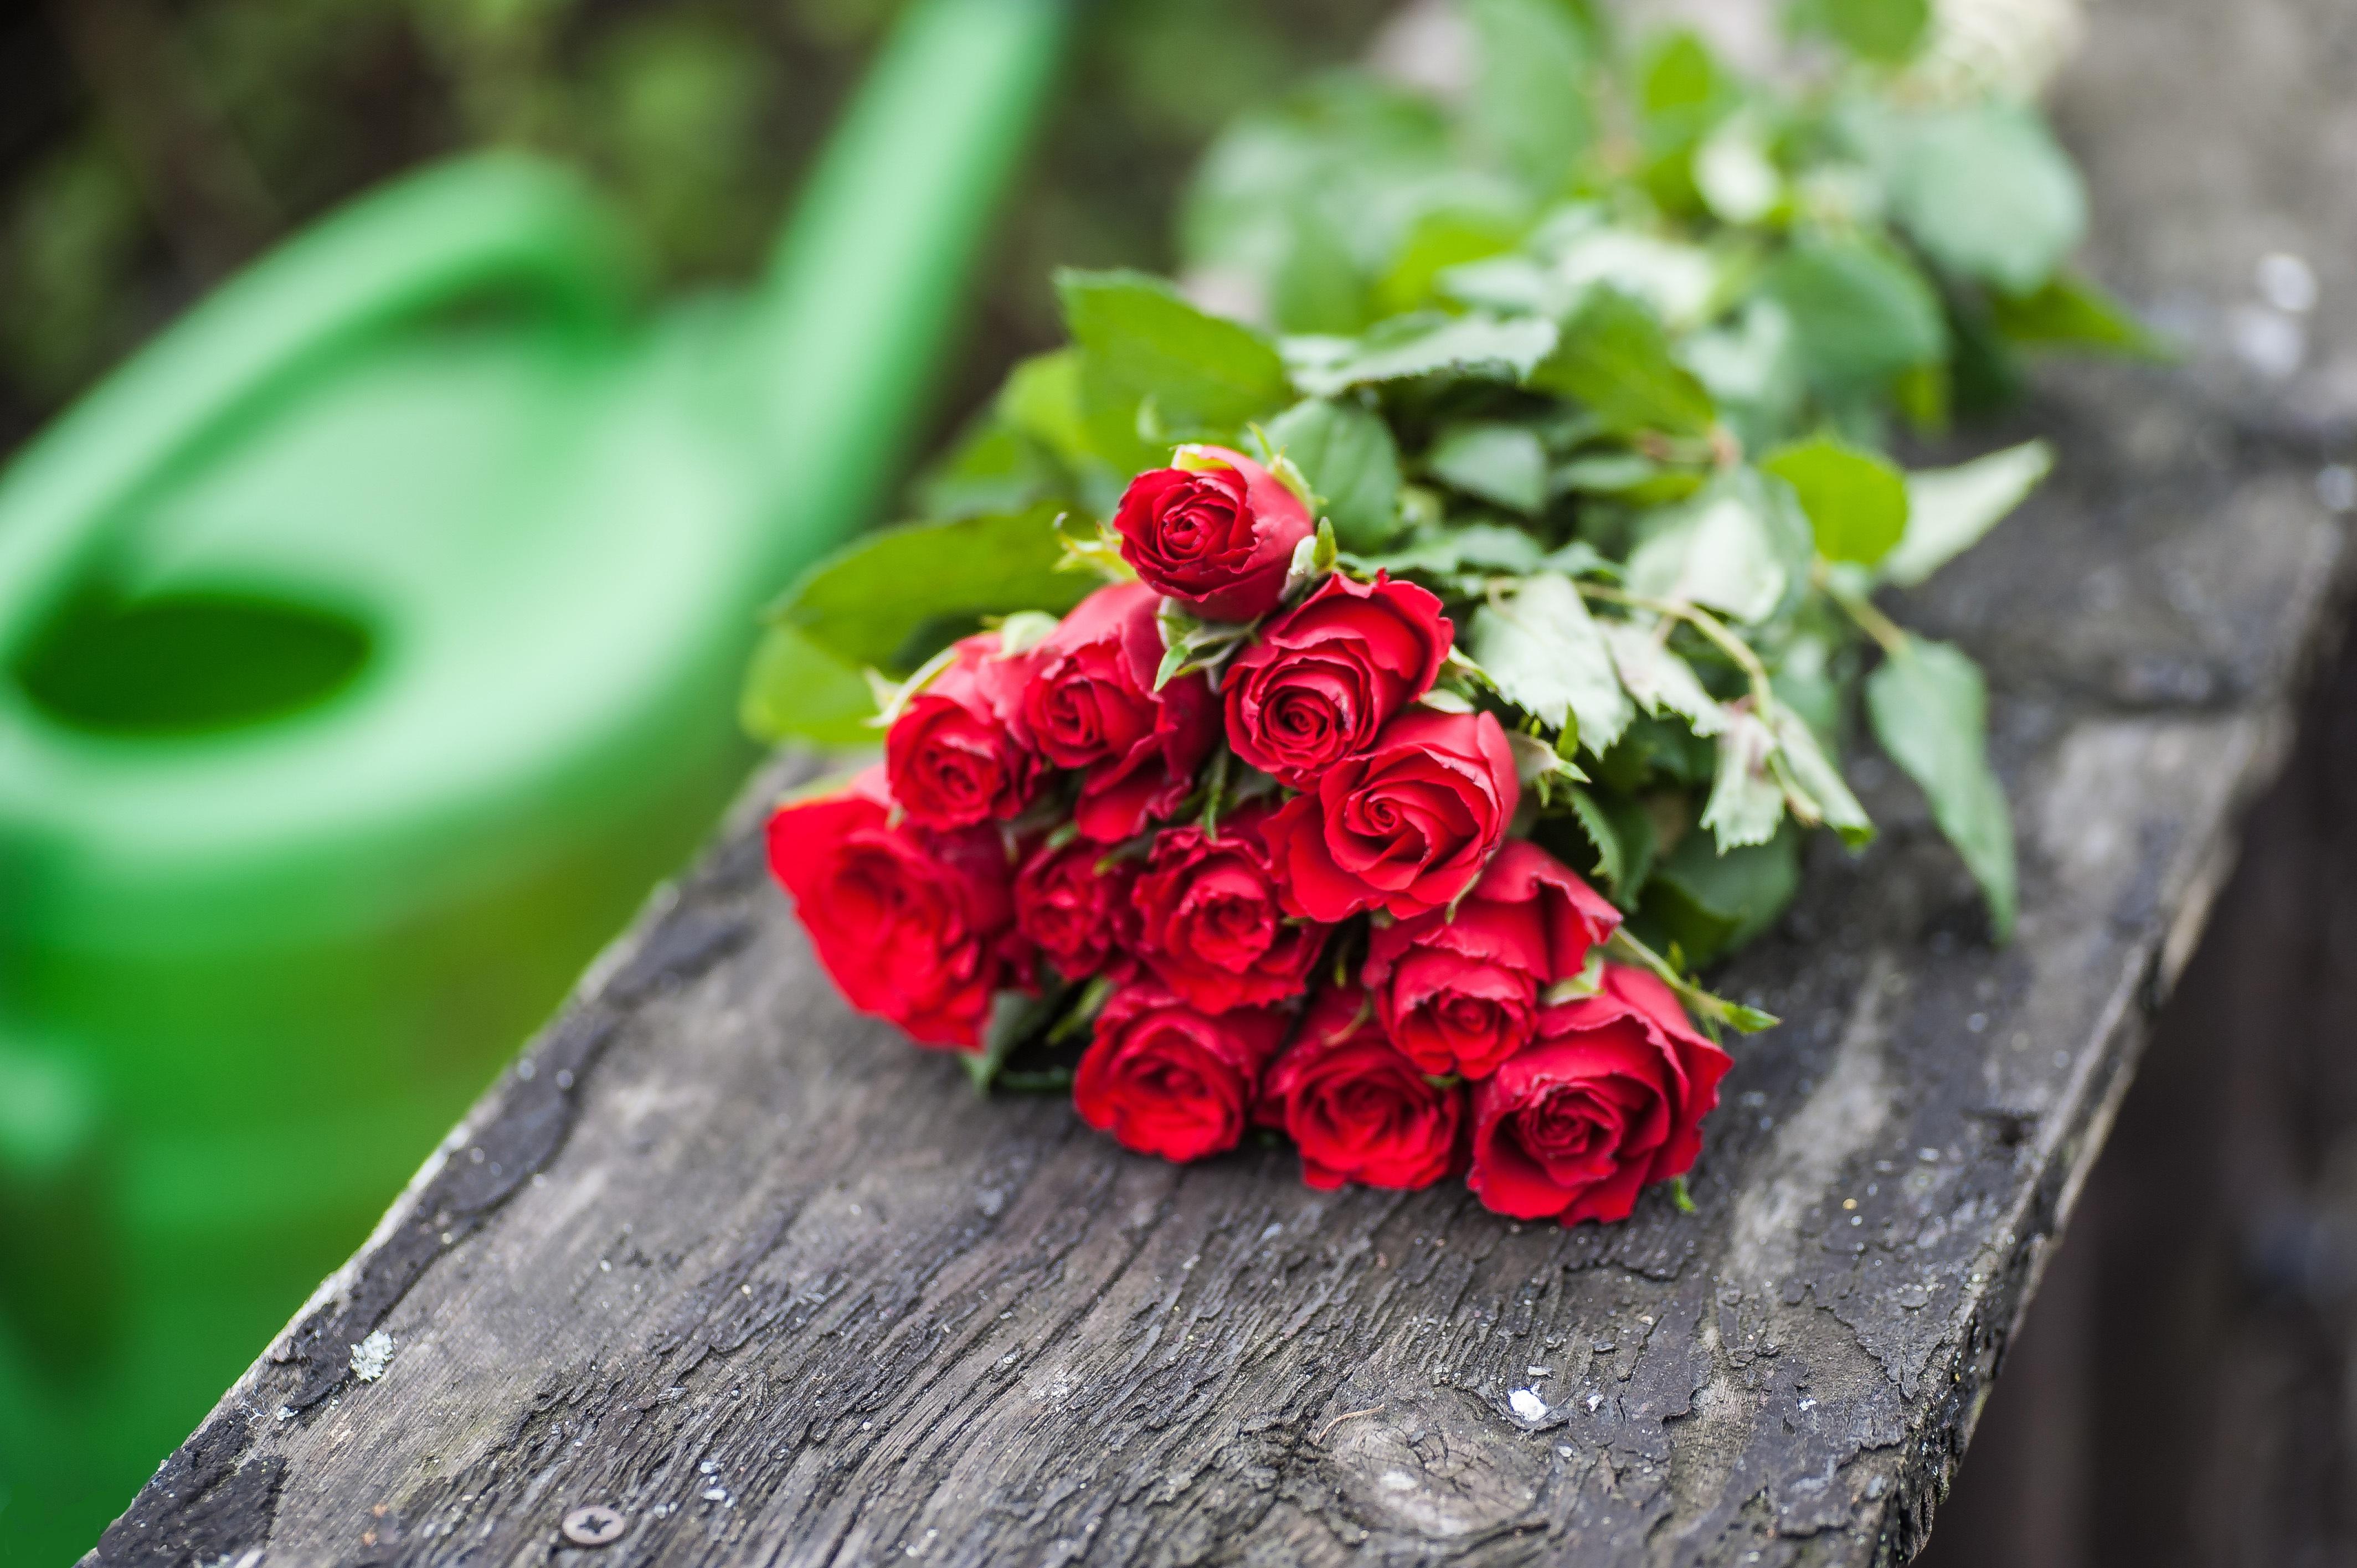 Букет роз лежит фото свое население